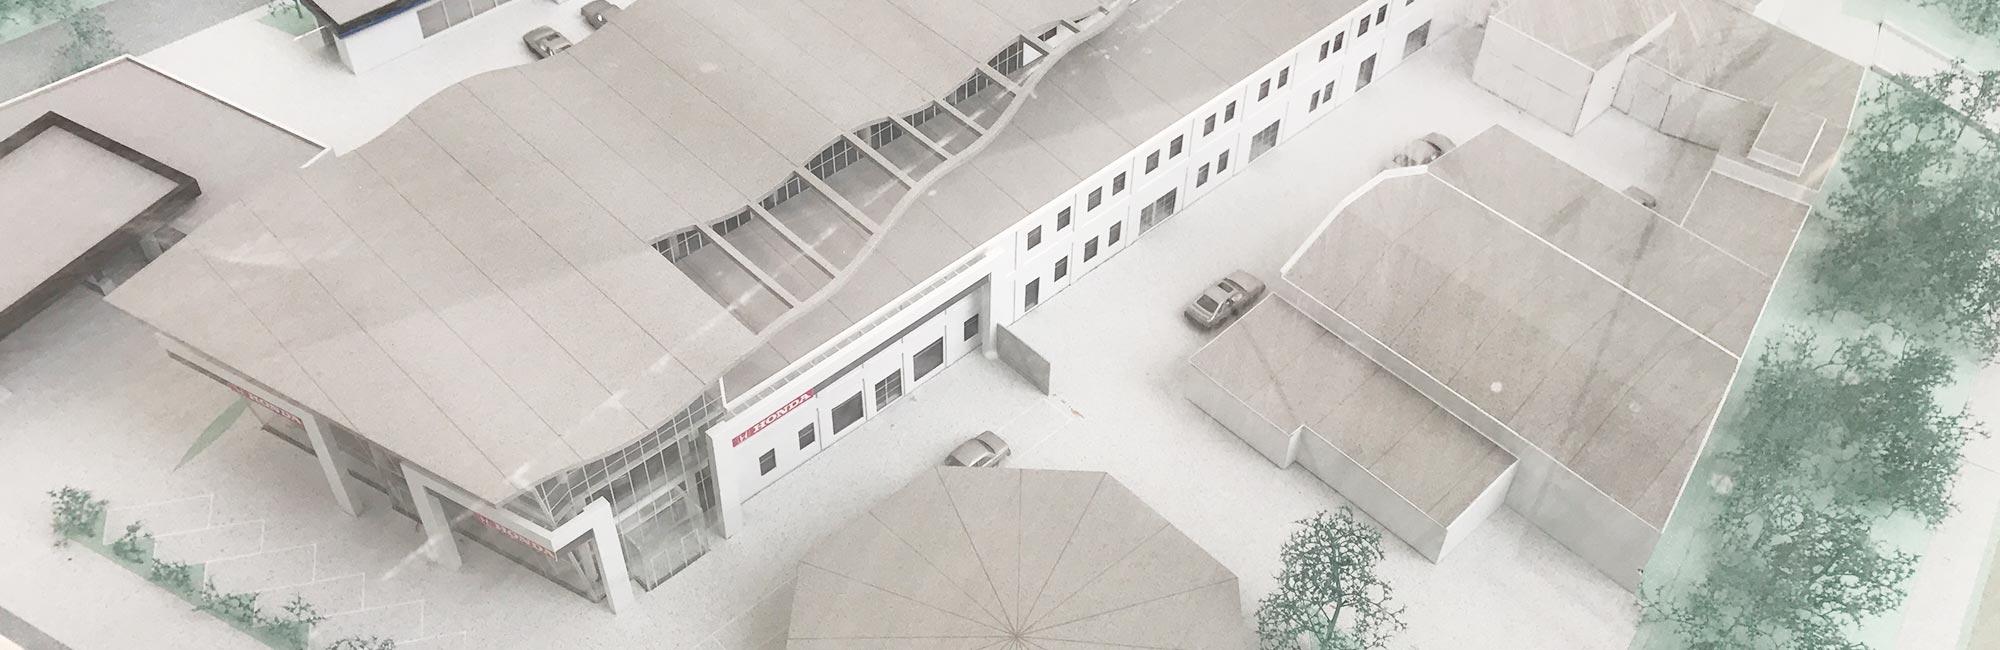 Architekturbüro Heinrich Bildung